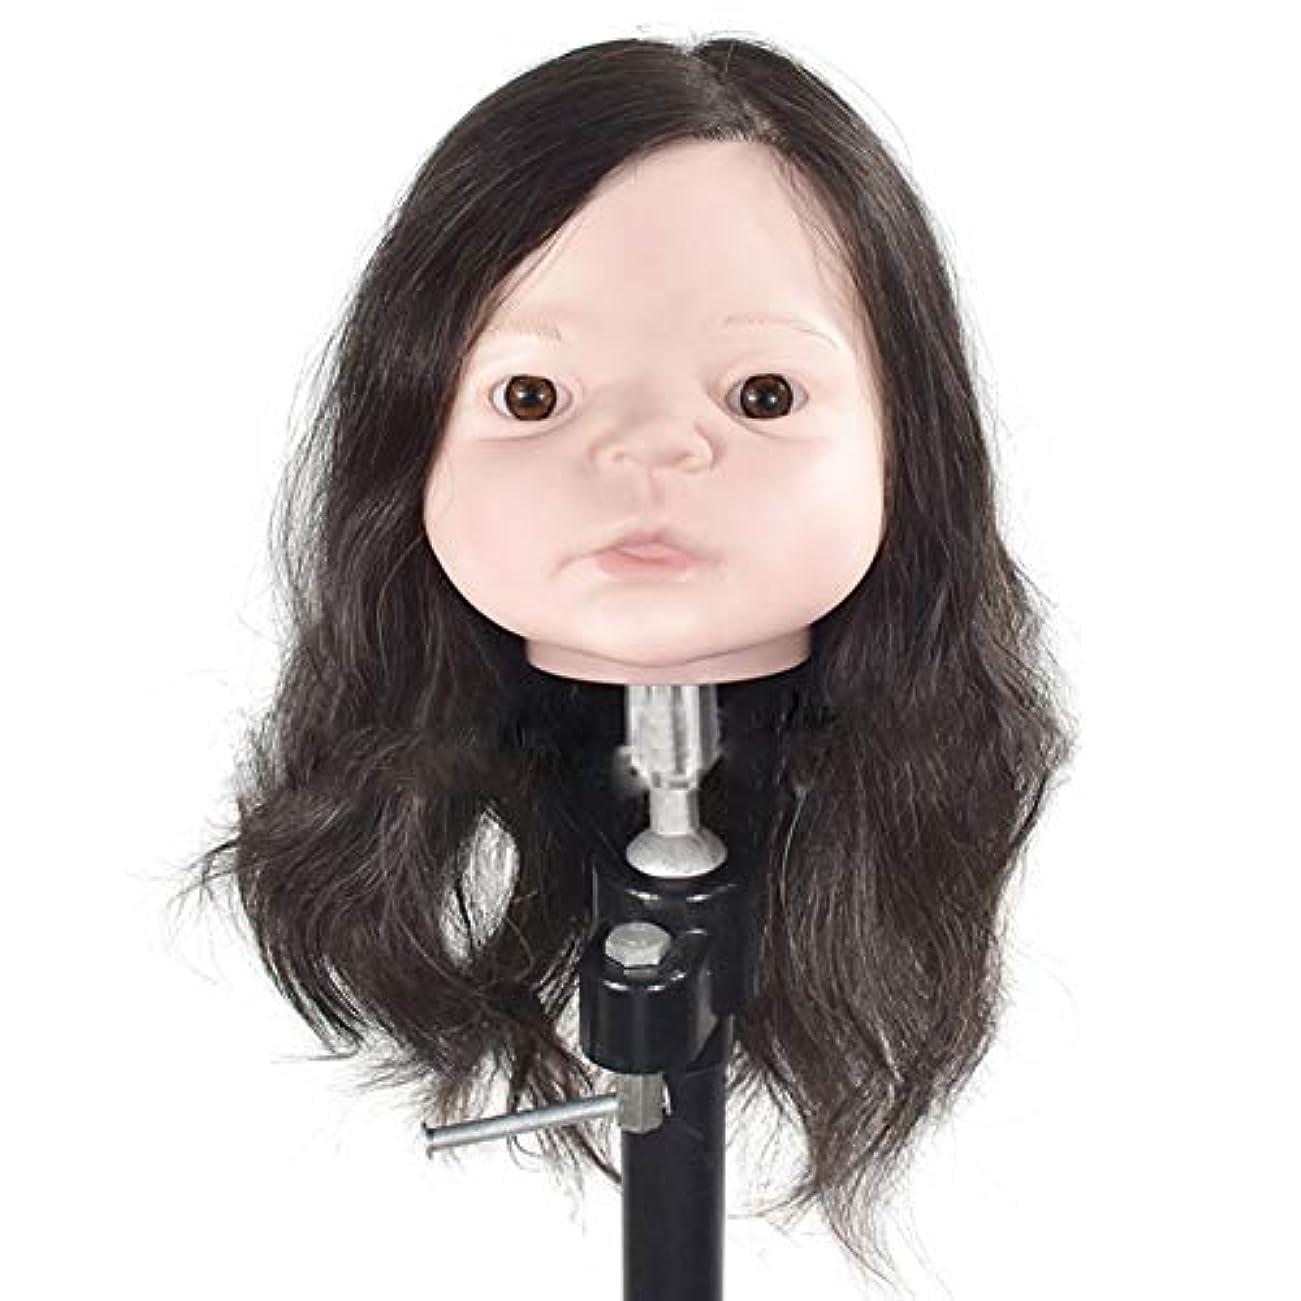 日付花弁スーツ専門の練習ホット染色漂白鋏モデリングマニアックヘッド編み髪のかつら模型人形ティーチングヘッド